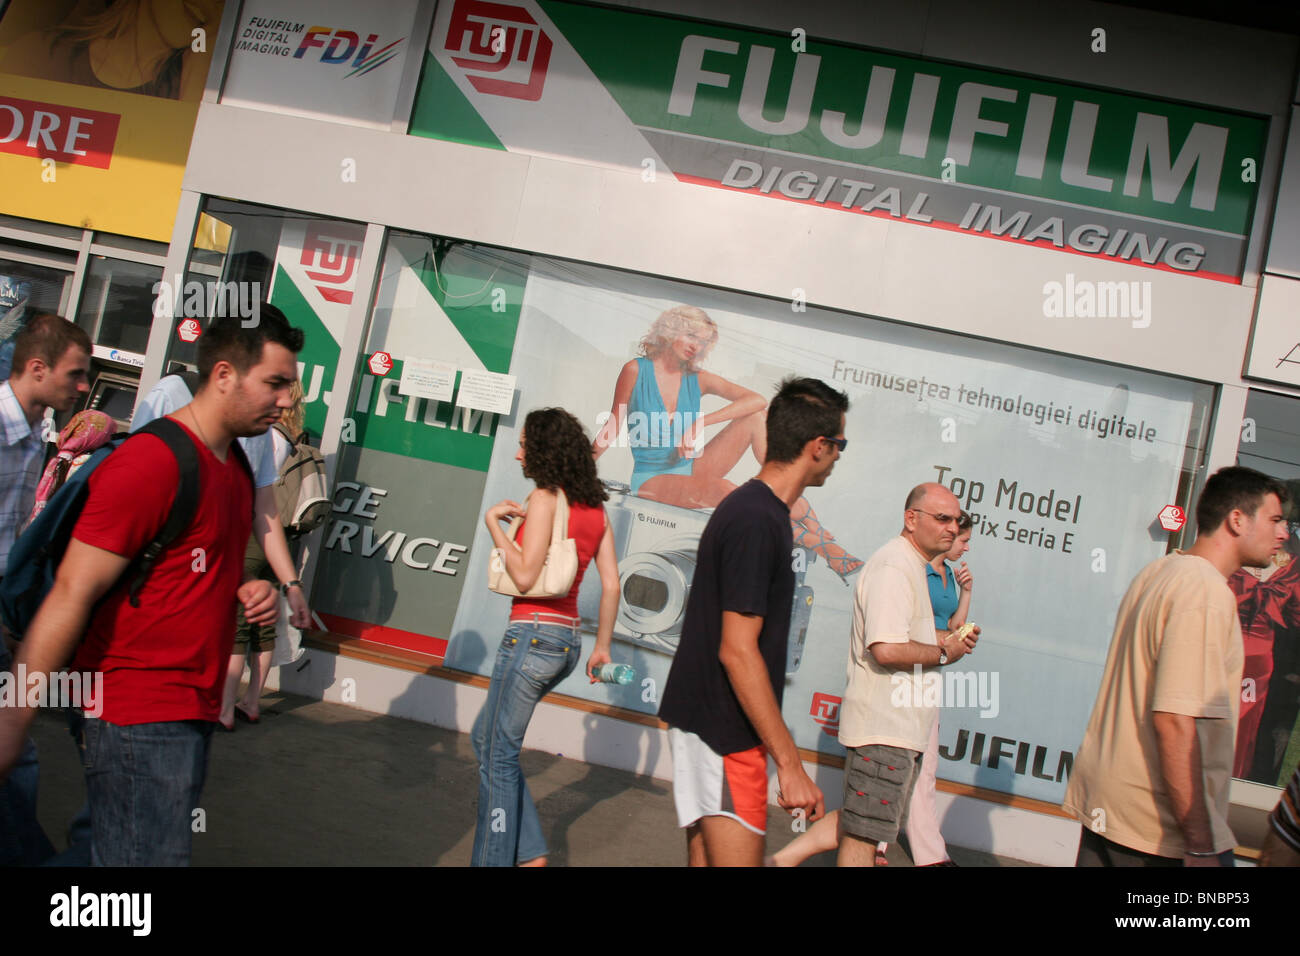 Fujifilm shop in street scene in Bucharest, Romania, July/ August 2006 - Stock Image